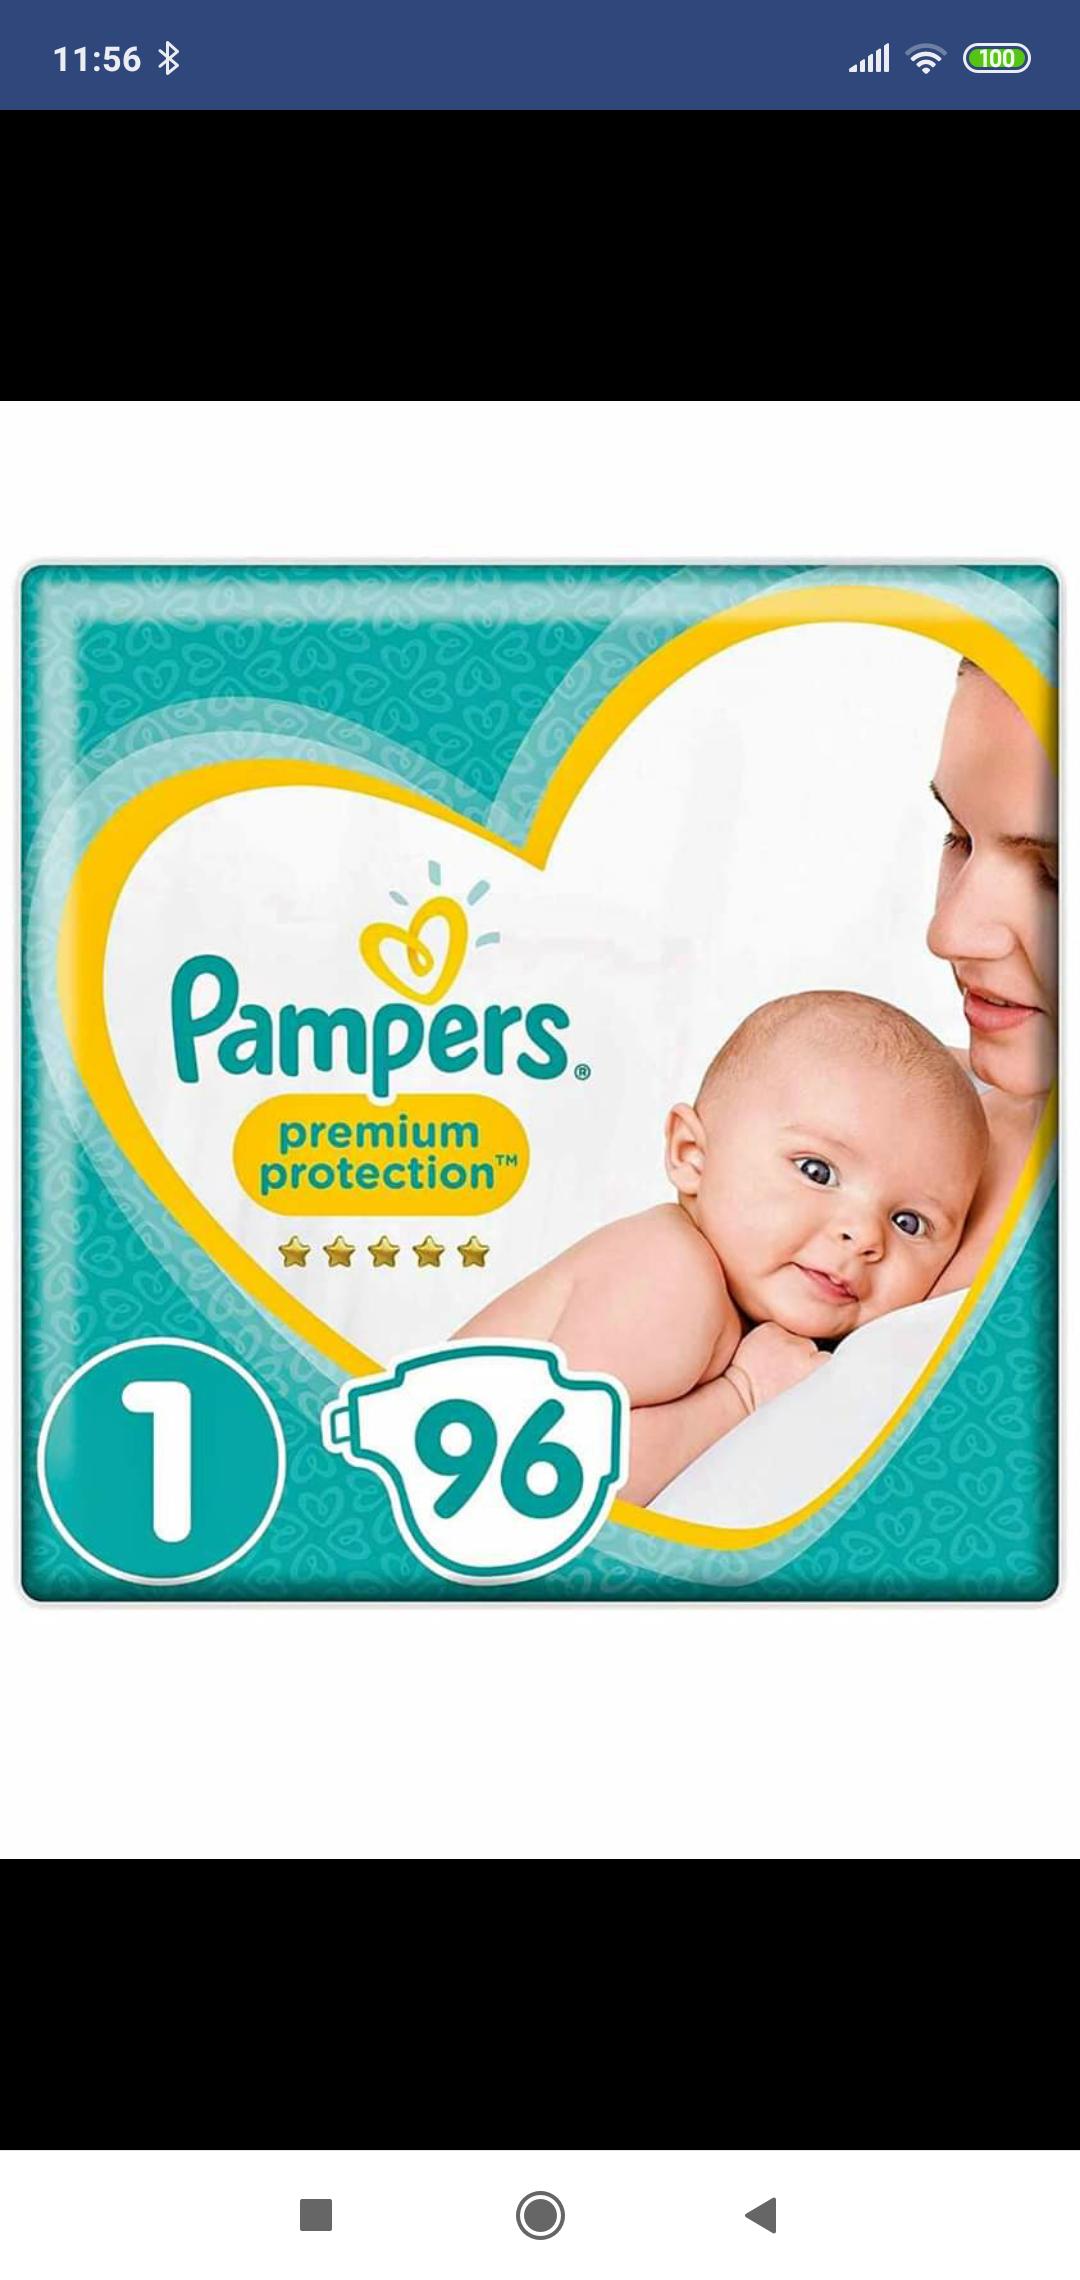 5€ Pampers Gutschein für Premium Protection bei 1.Lieferung im Amazon Sparabo